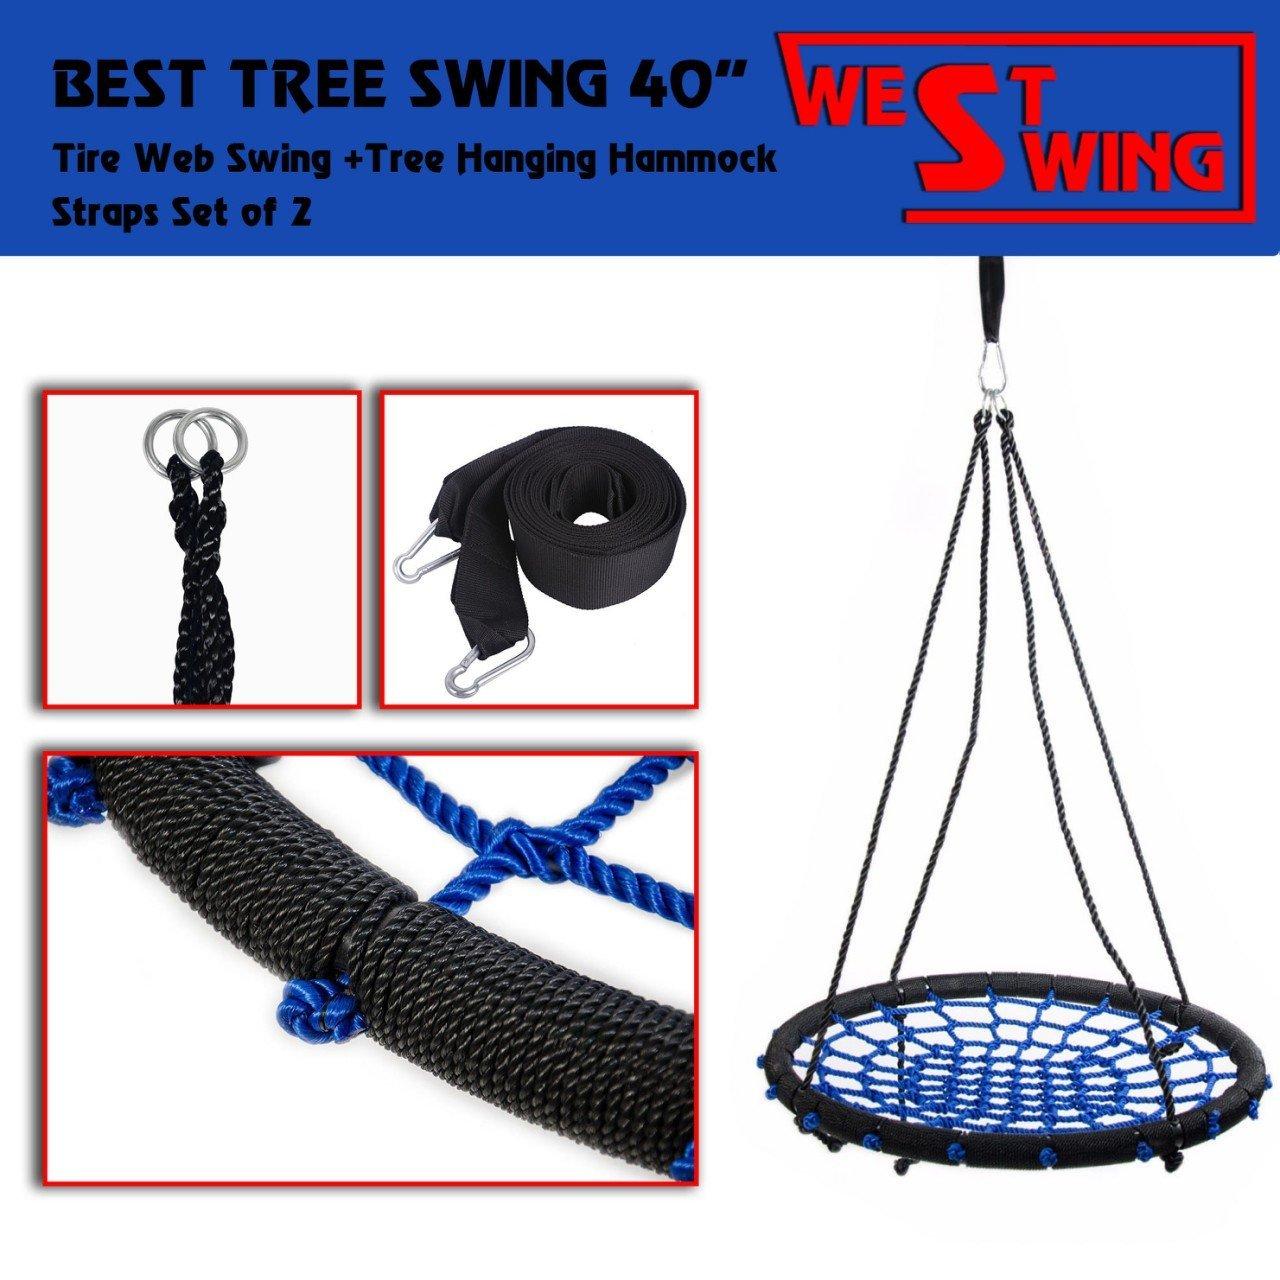 トップスイングNetツリースイングロープWeb Spiderシート吊りストラップキットアウトドア、XXXL直径40